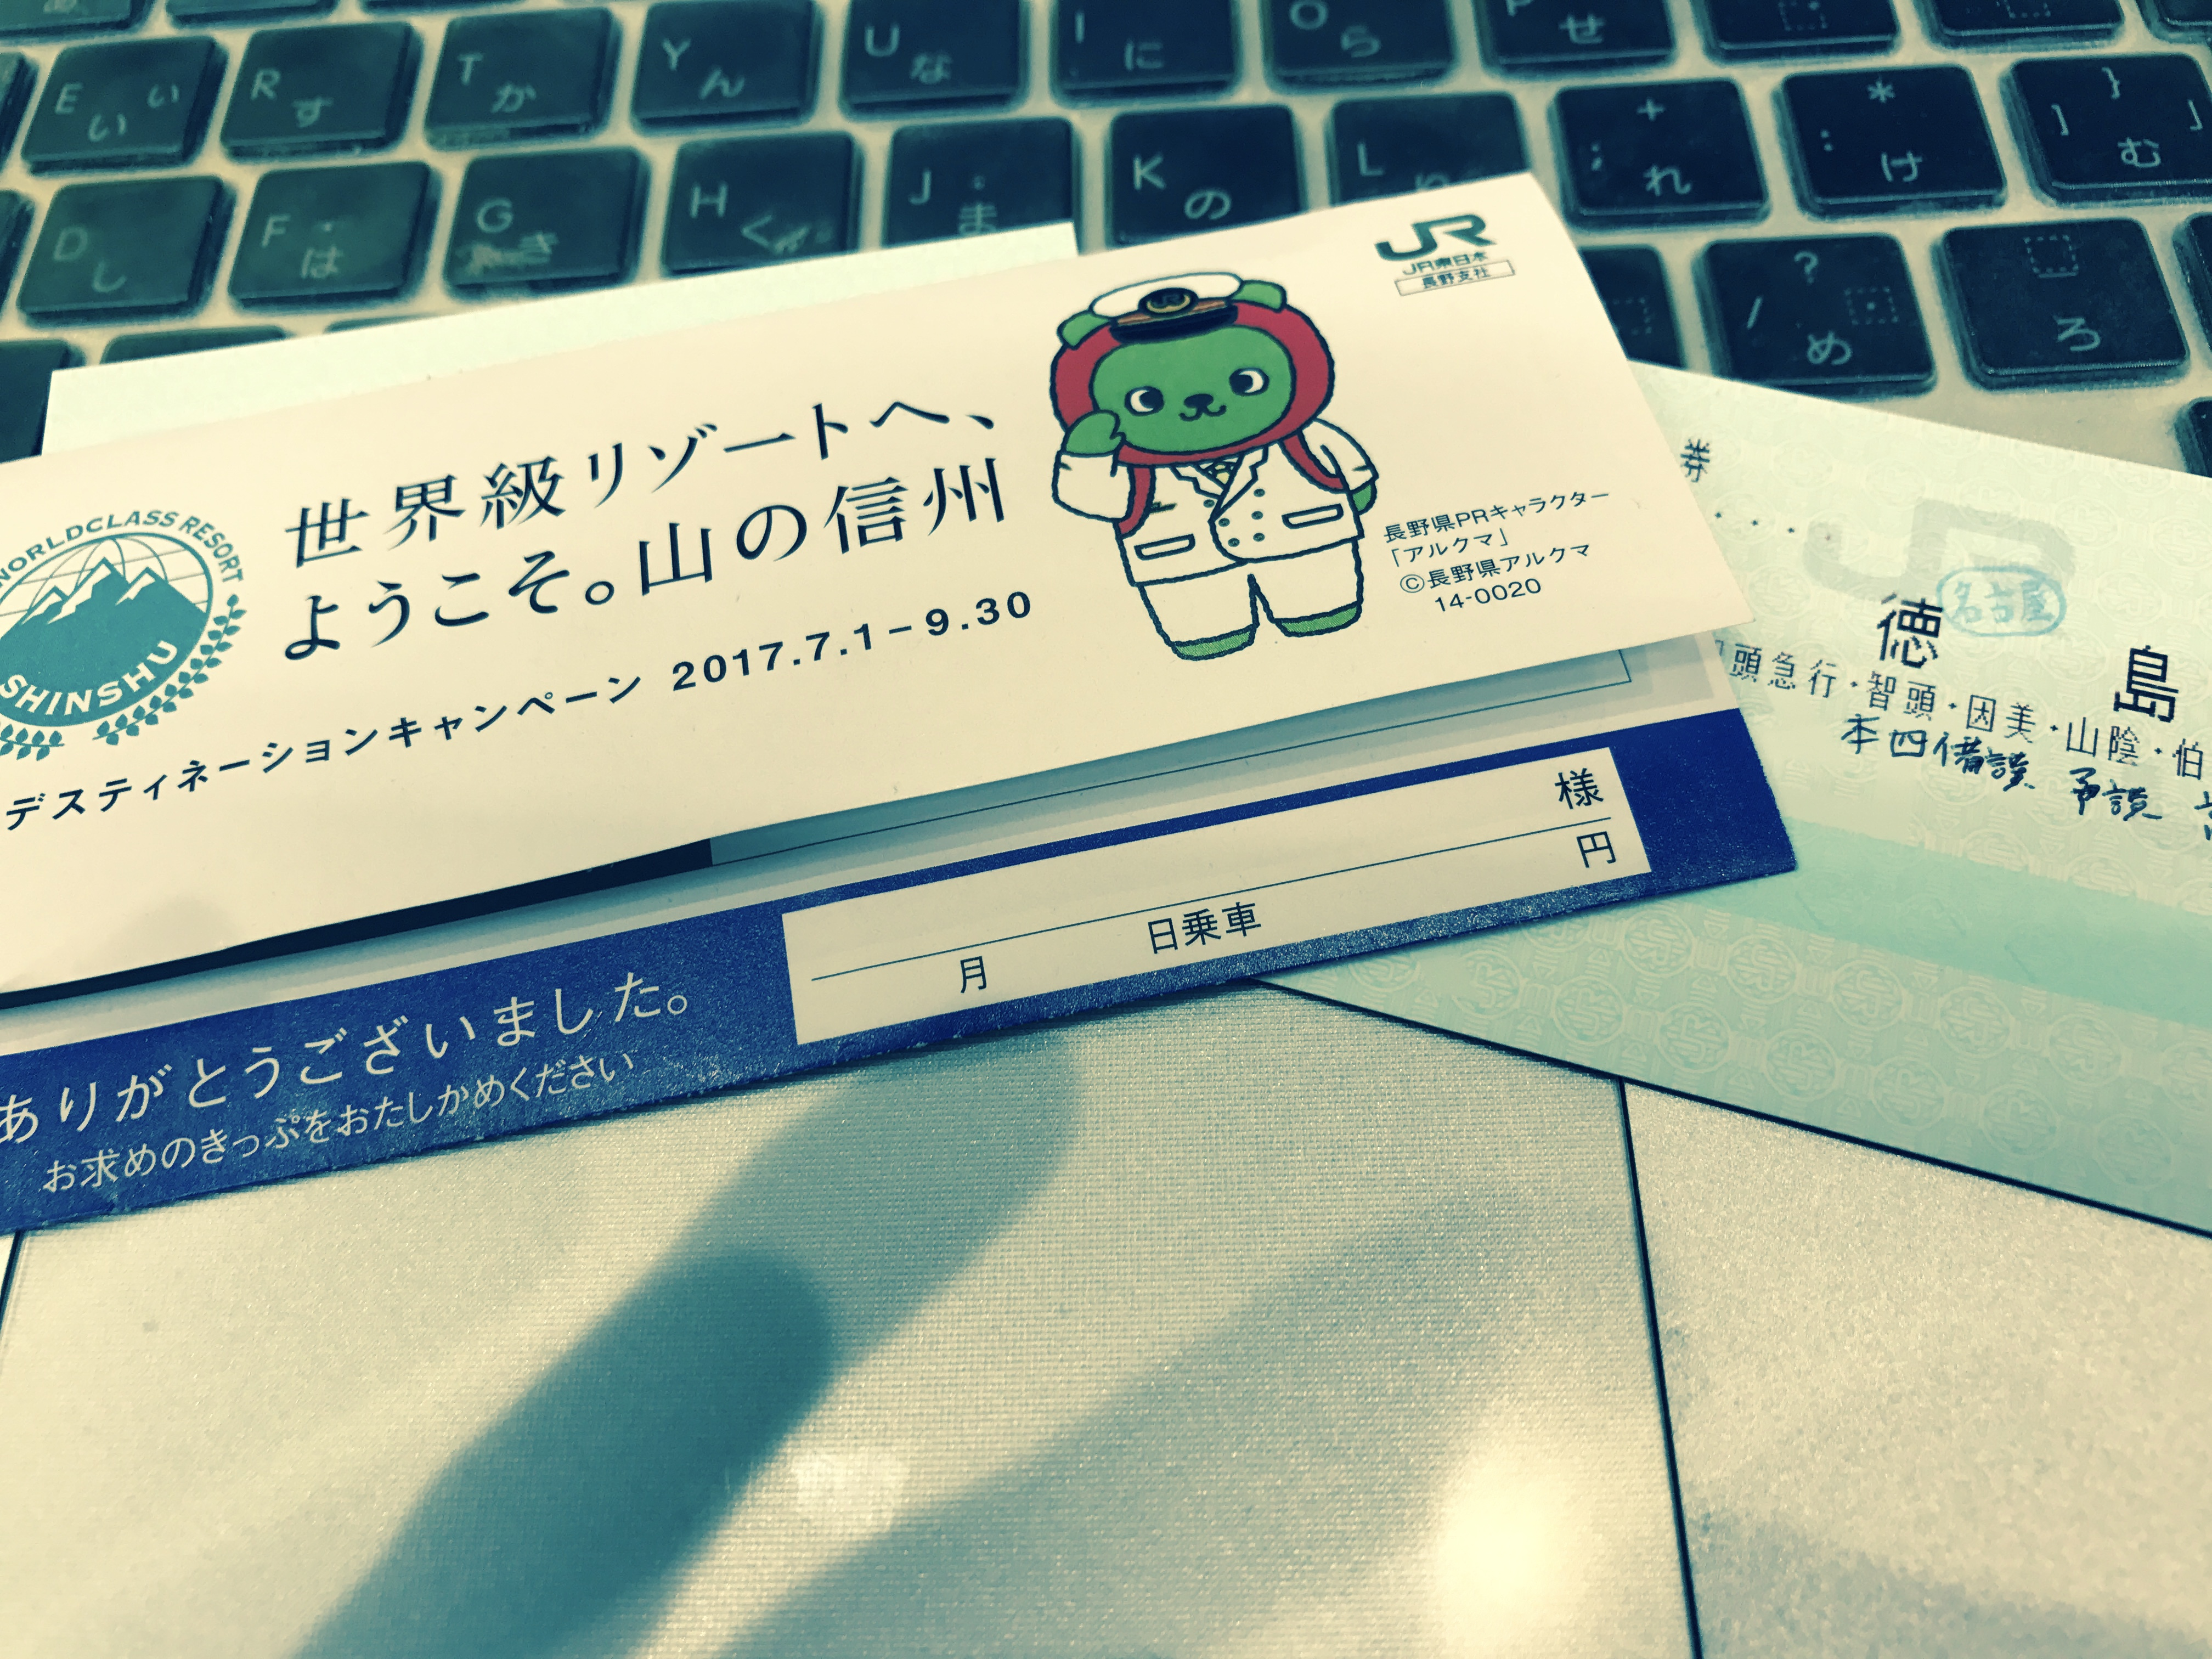 【関西→山陰→四国→北陸】夏だ!お盆だ!旅行だ!【旅行1日目 大阪編】